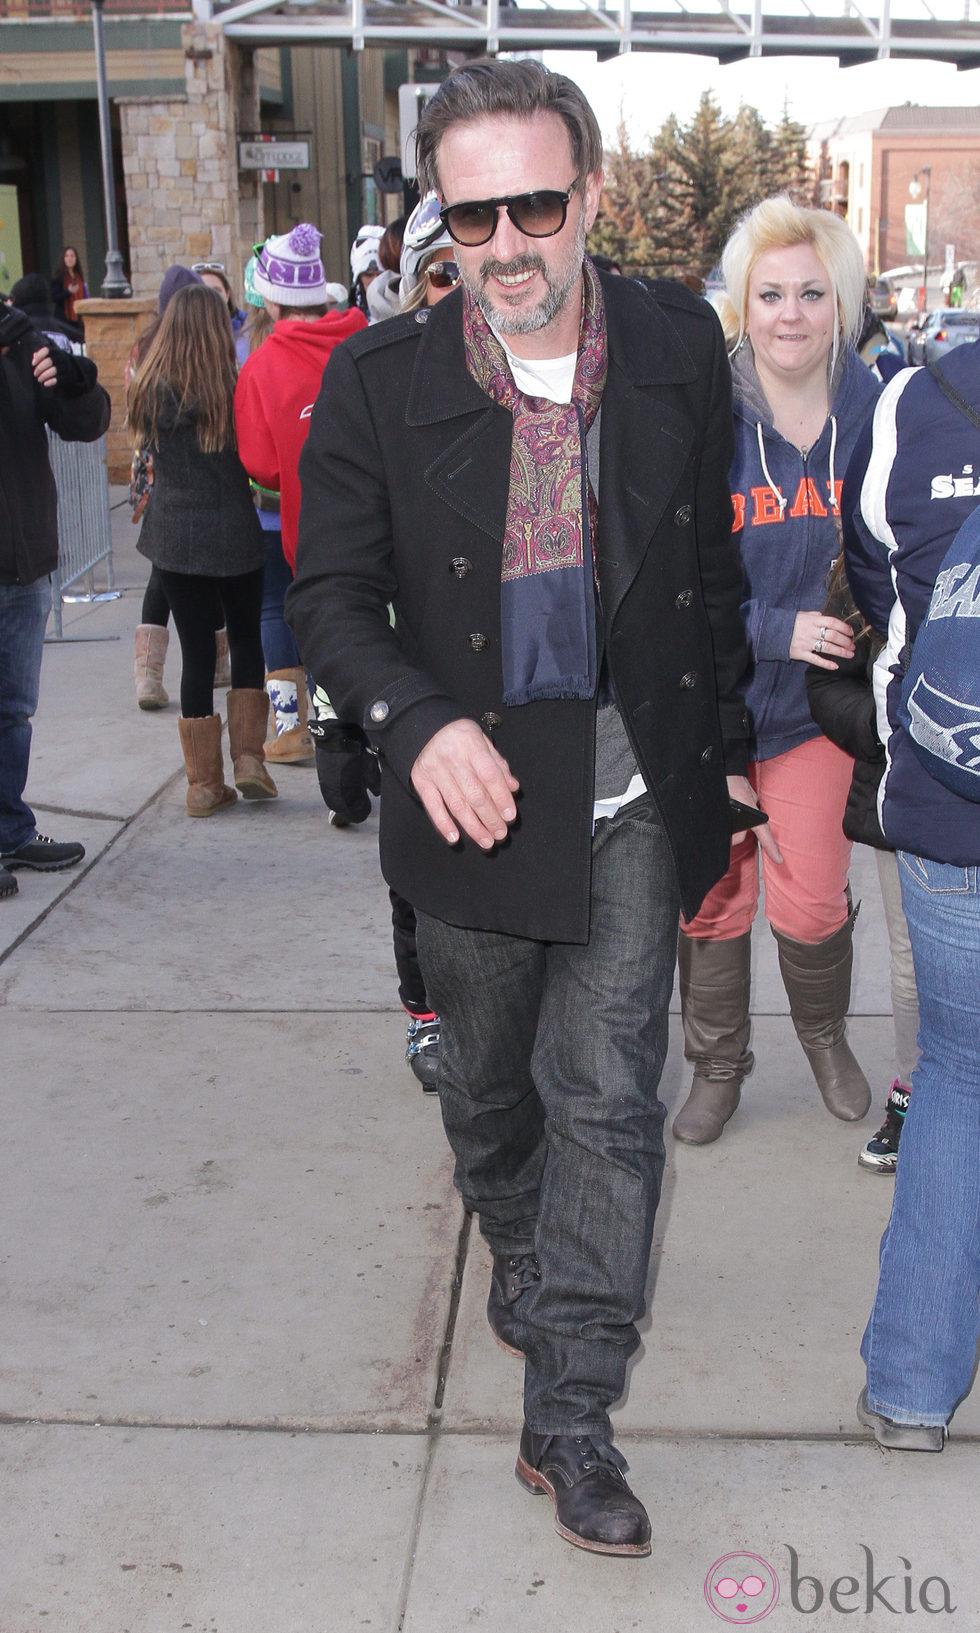 David Arquette en el Festival de Sundance 2015